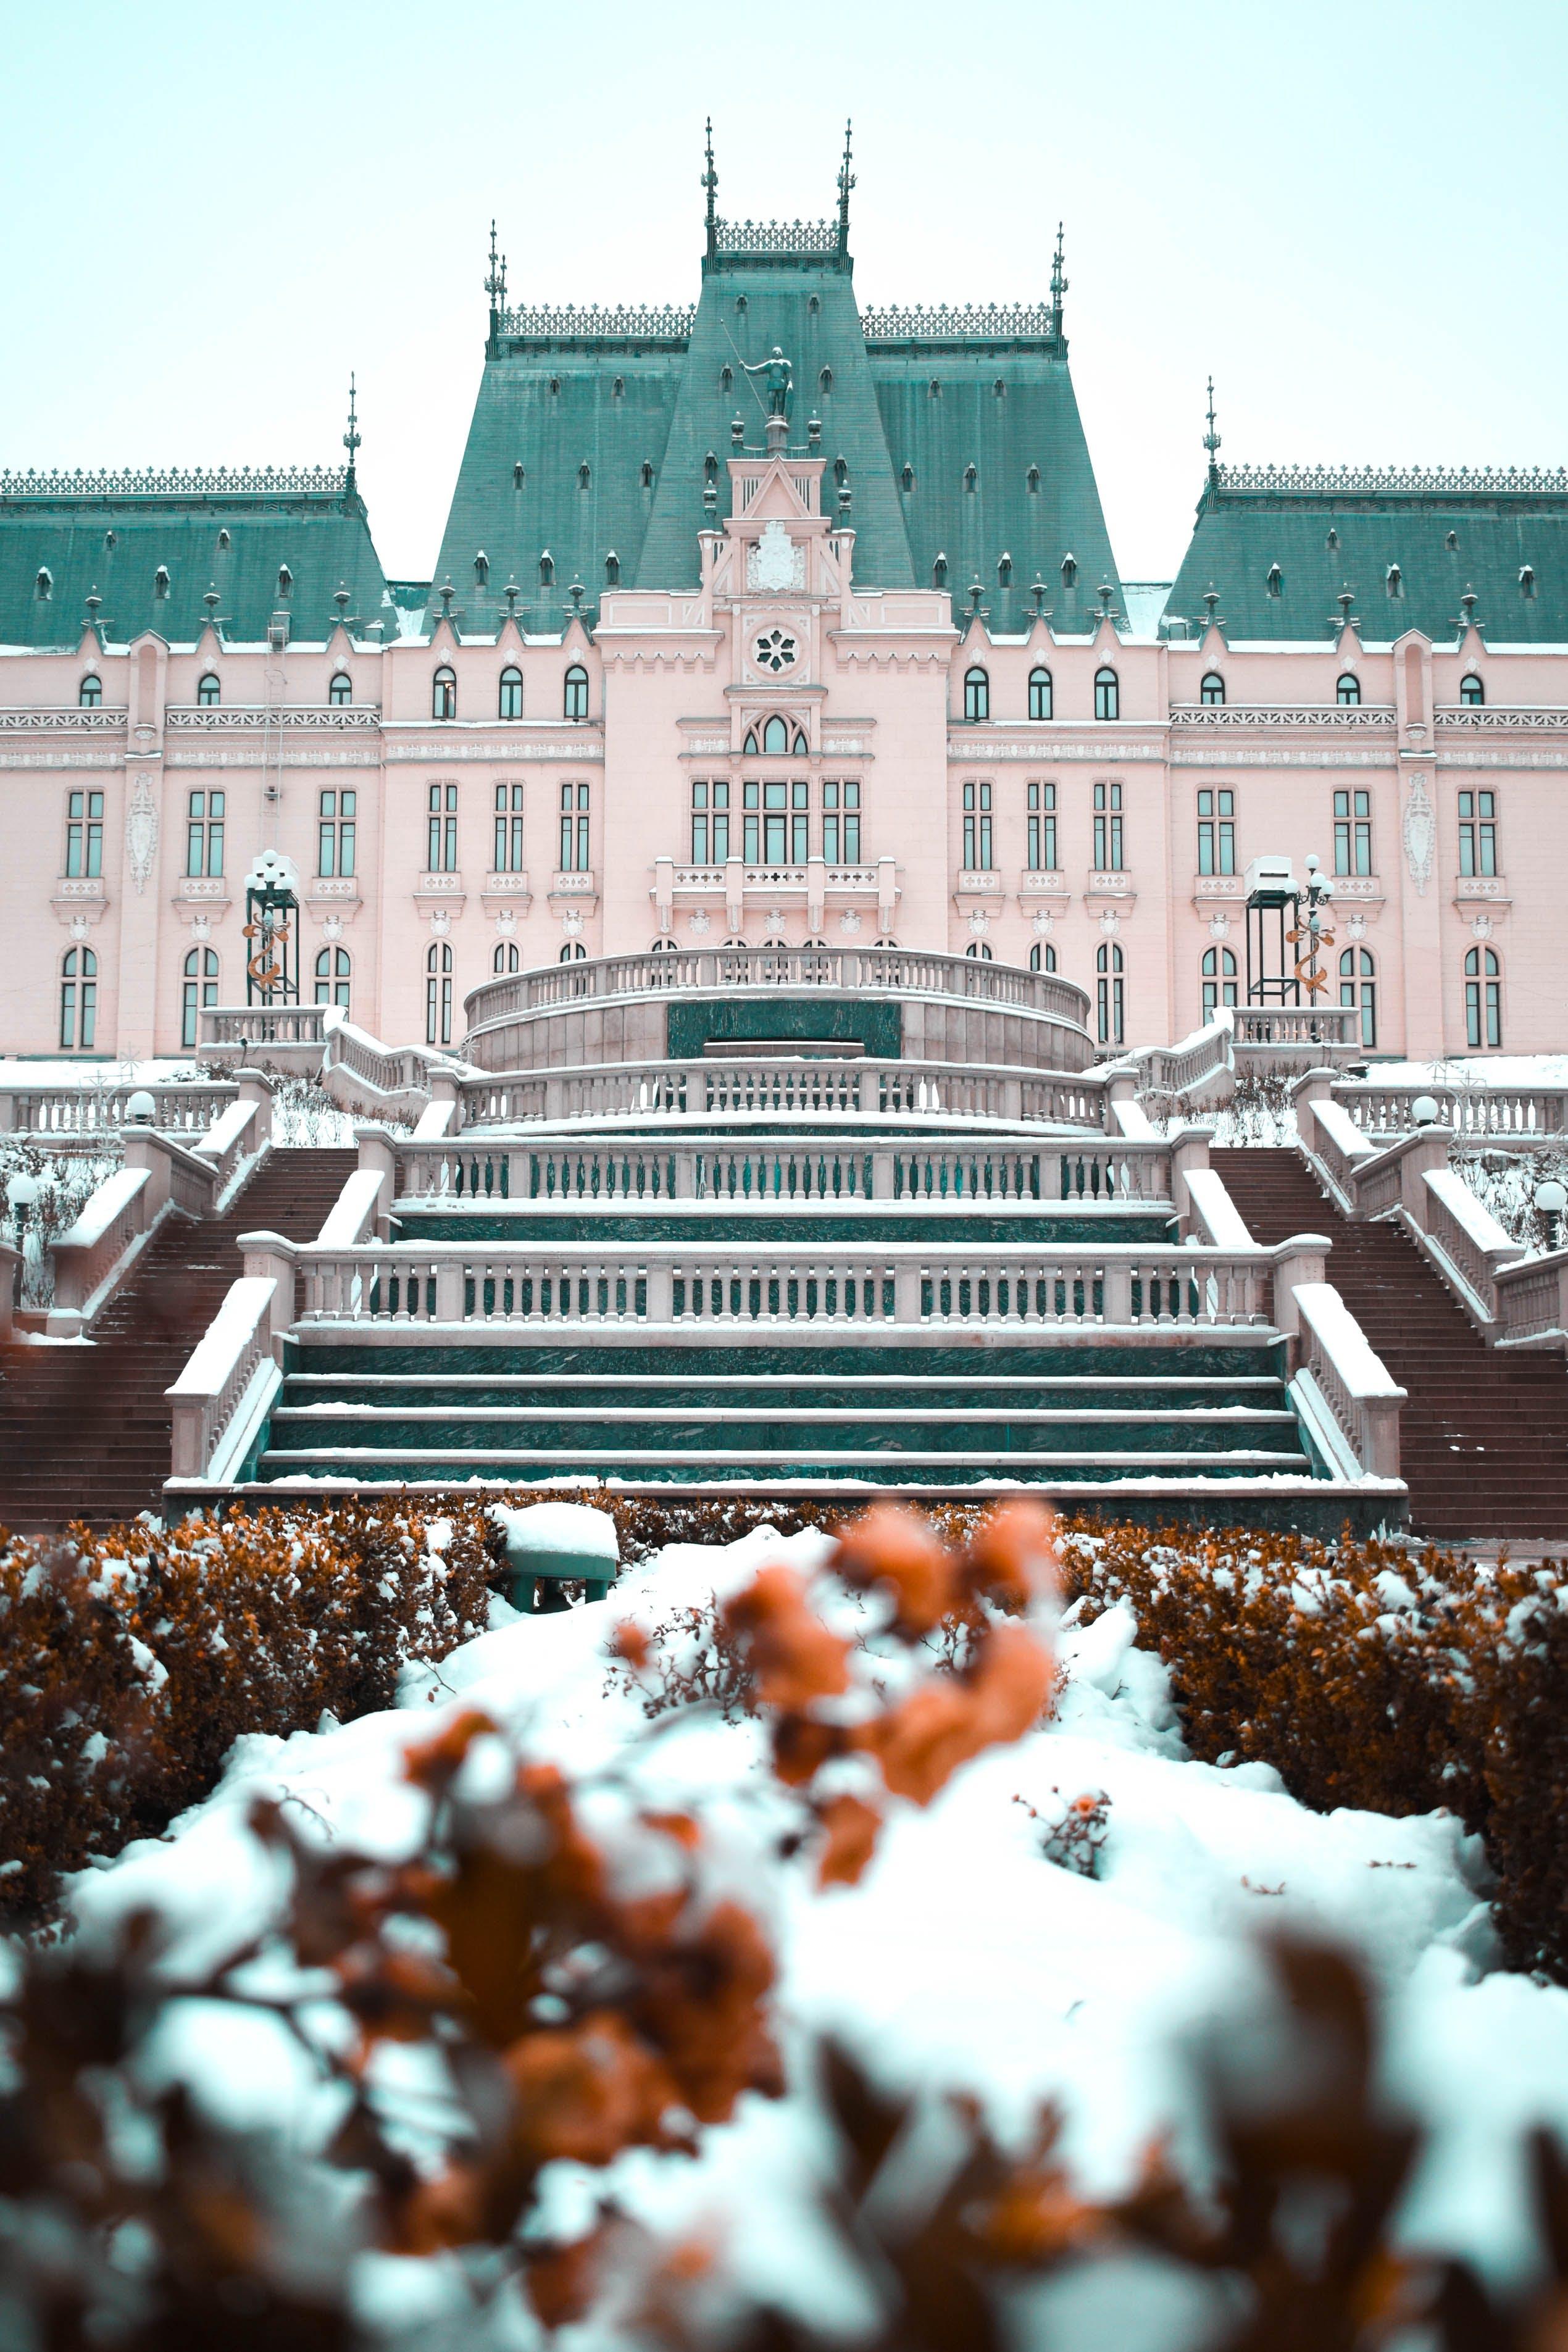 Kostenloses Stock Foto zu architektur, landschaft, schneegarten, tageslicht